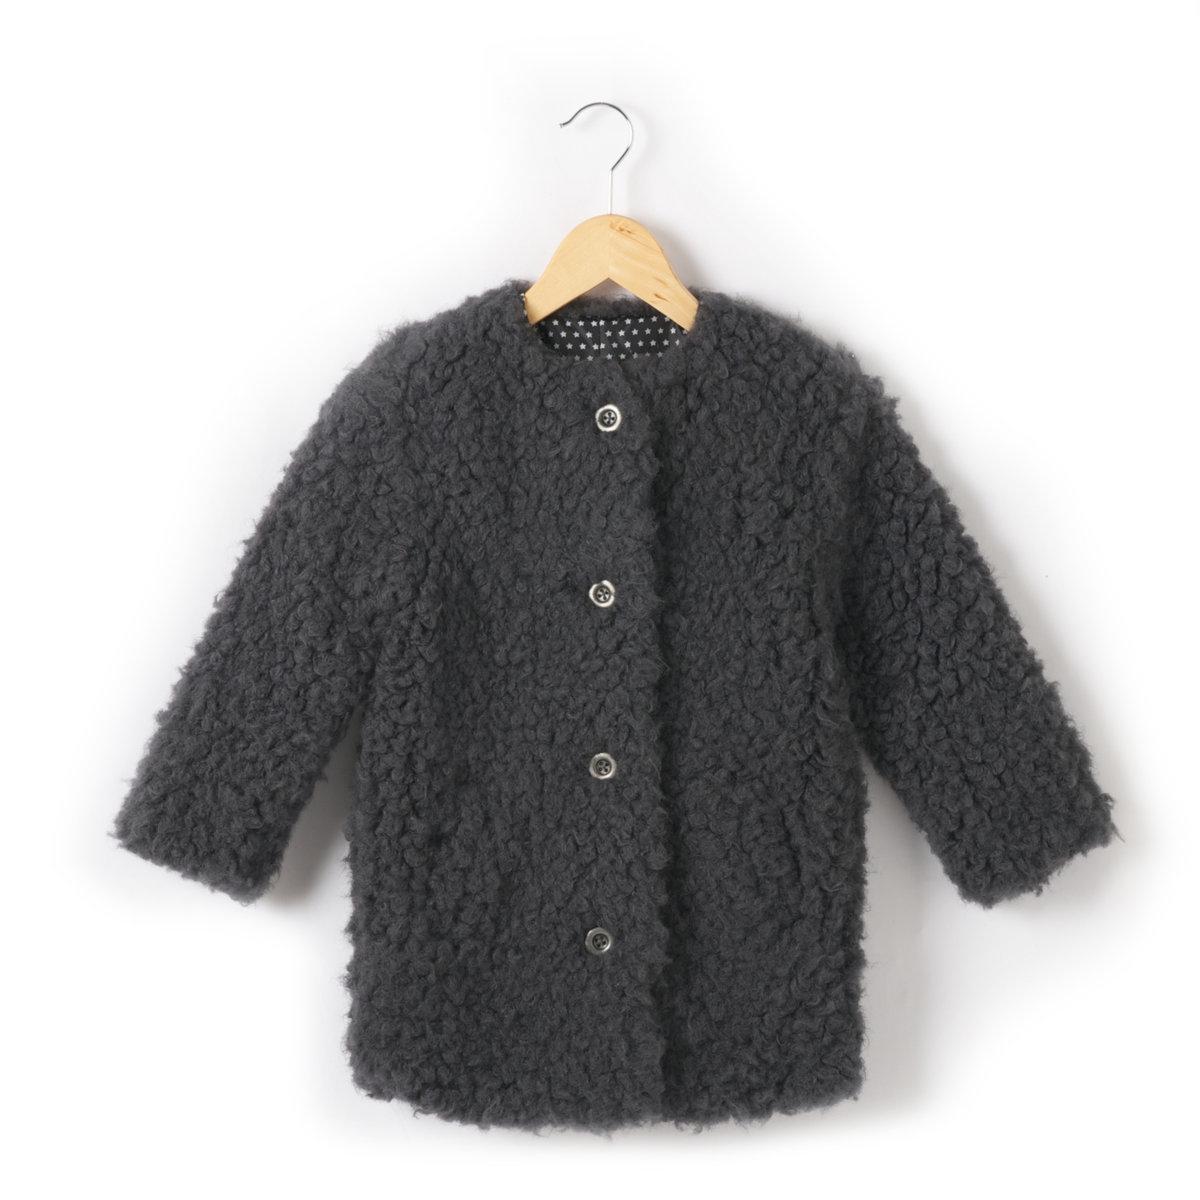 Пальто из искусственного мехаПальто из искусственного меха под овчину: 70% акрила, 30% полиэстера. Застежка на пуговицы. 2 кармана. Подкладка с рисунком звезды, 100% полиэстера.<br><br>Цвет: серый<br>Размер: 12 лет -150 см